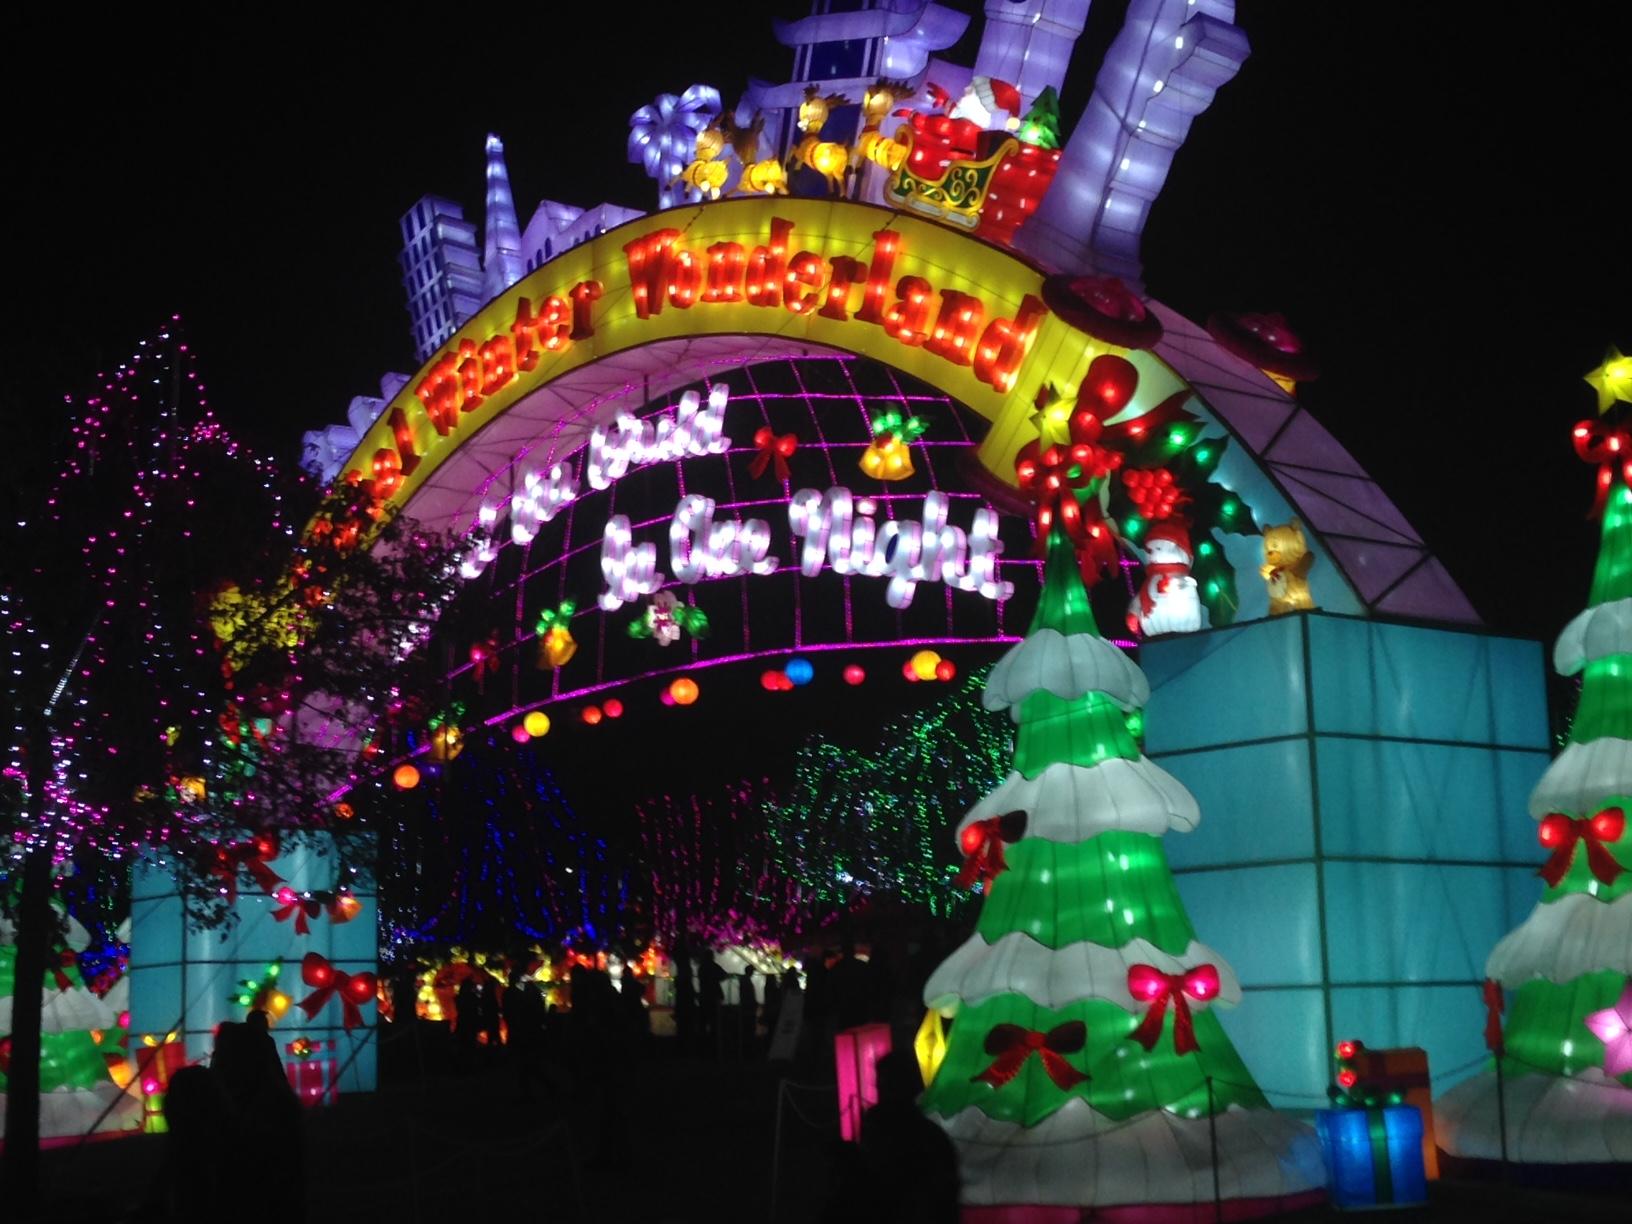 global winter wonderland lights tour - Best Christmas Light Show